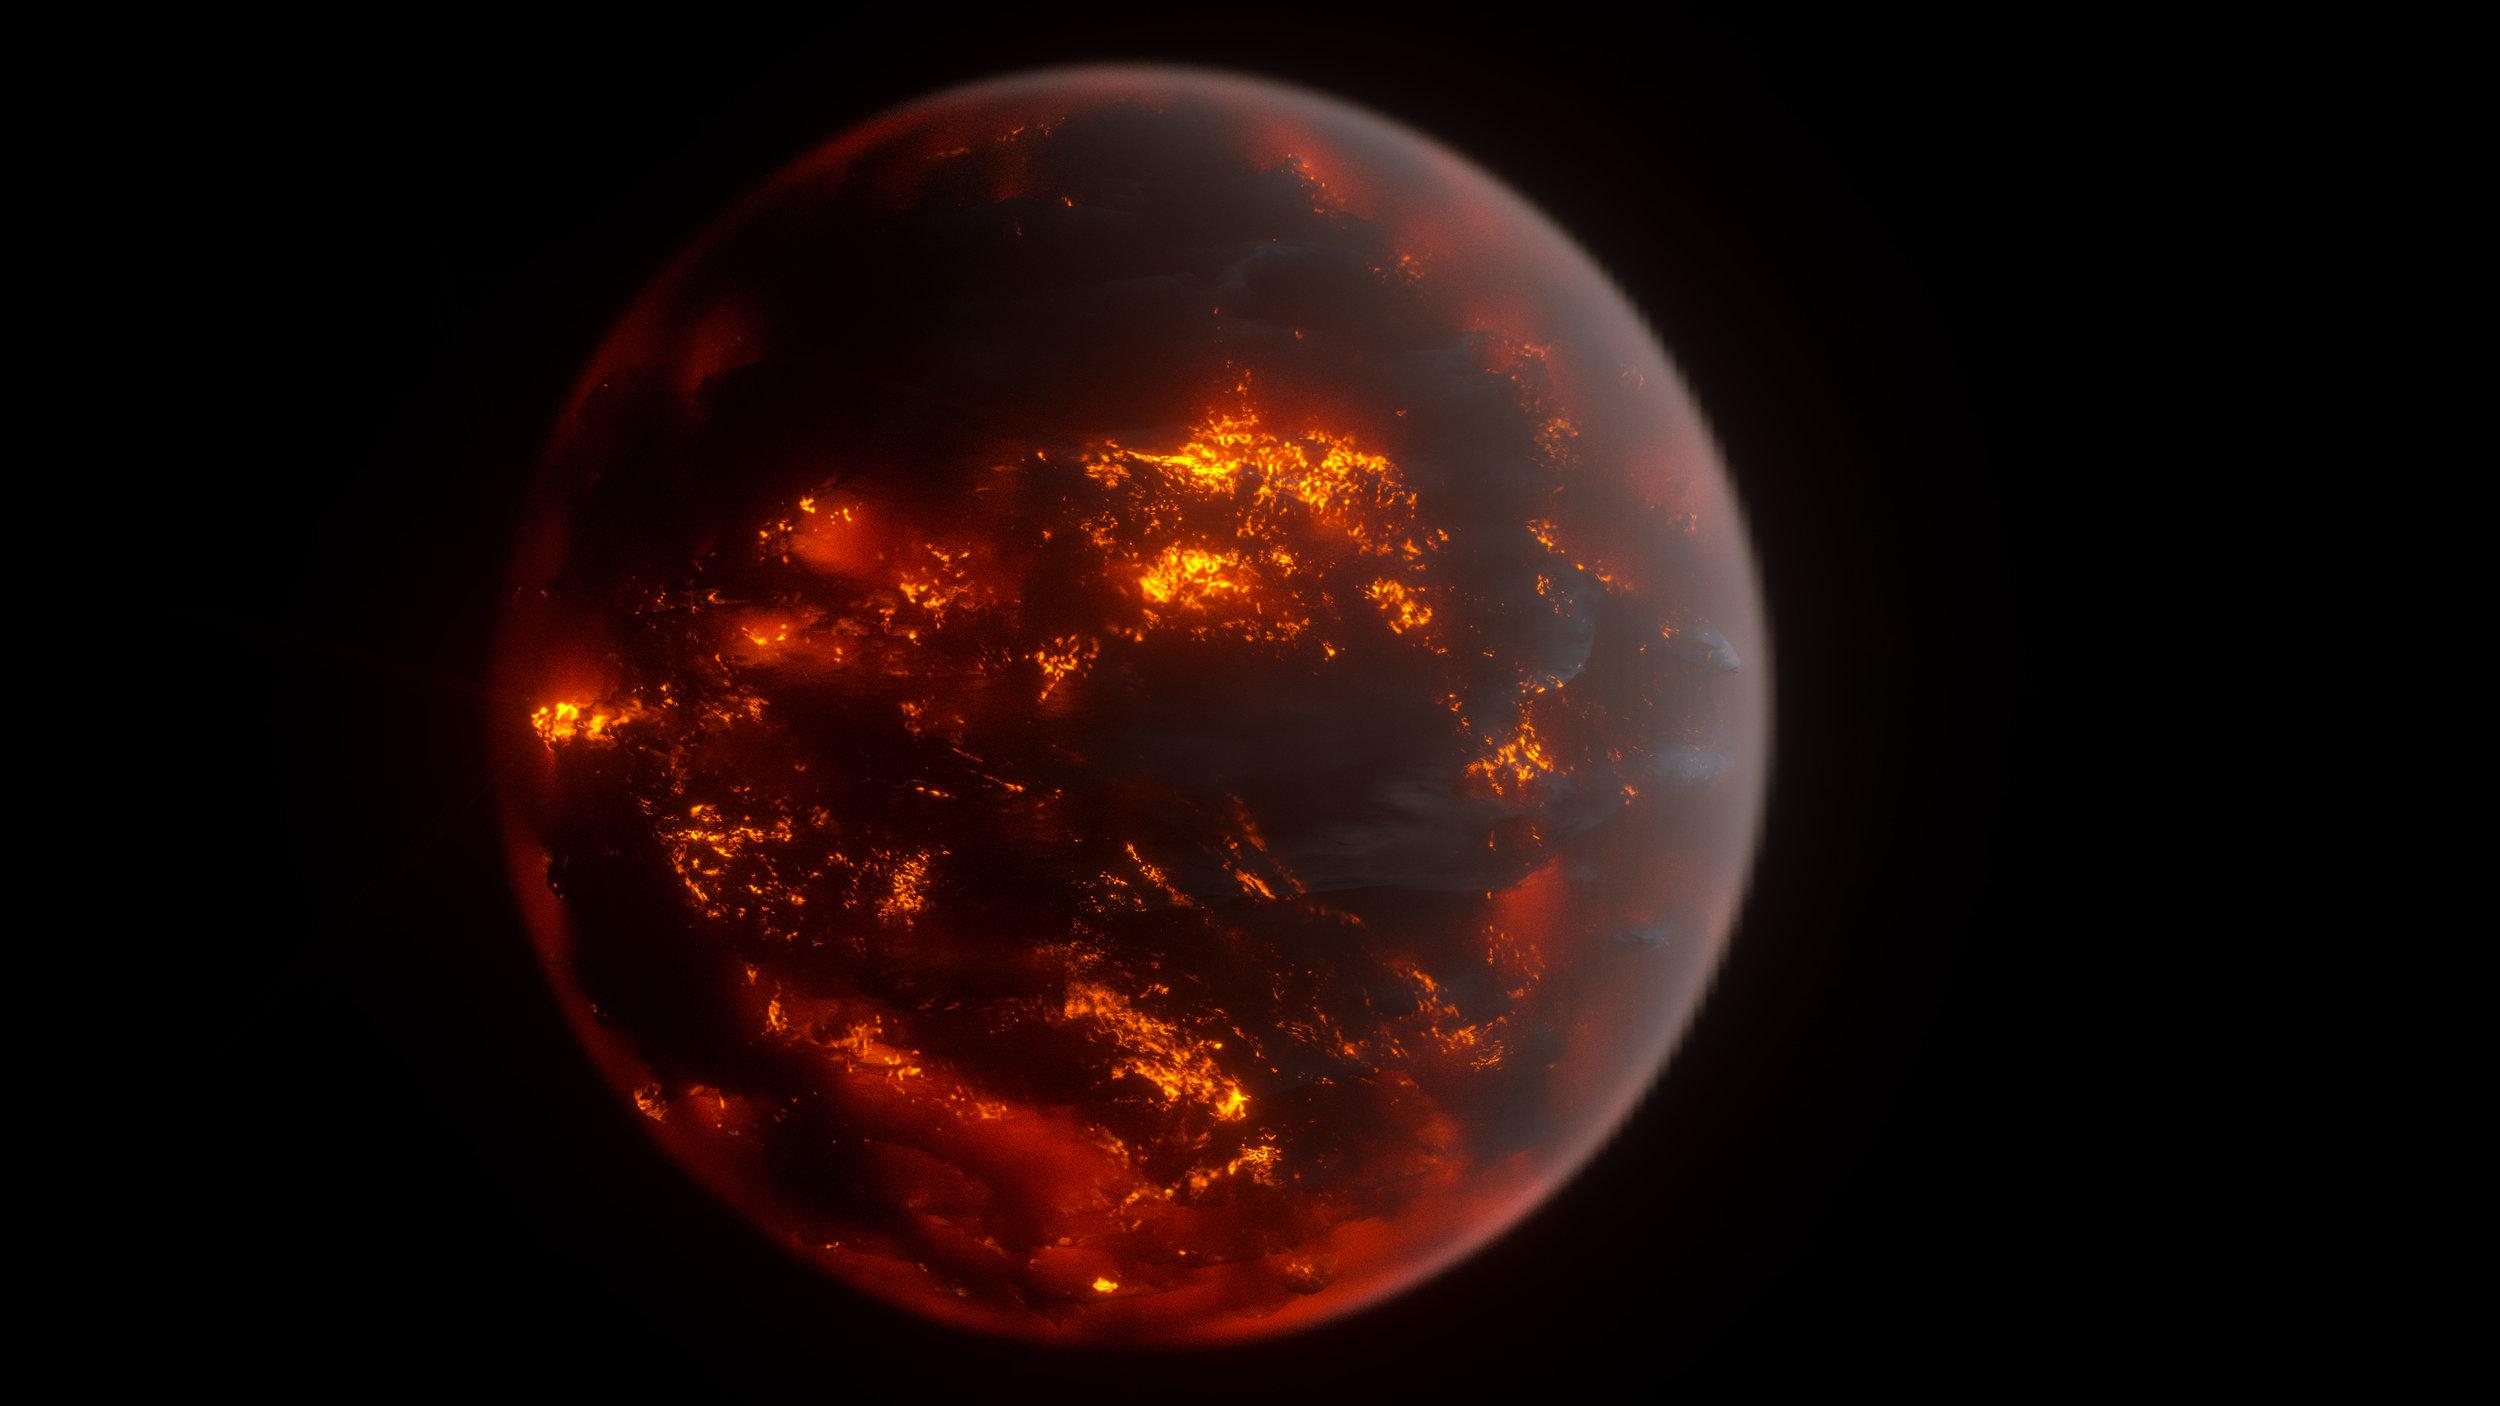 Red planet2_0150.jpg